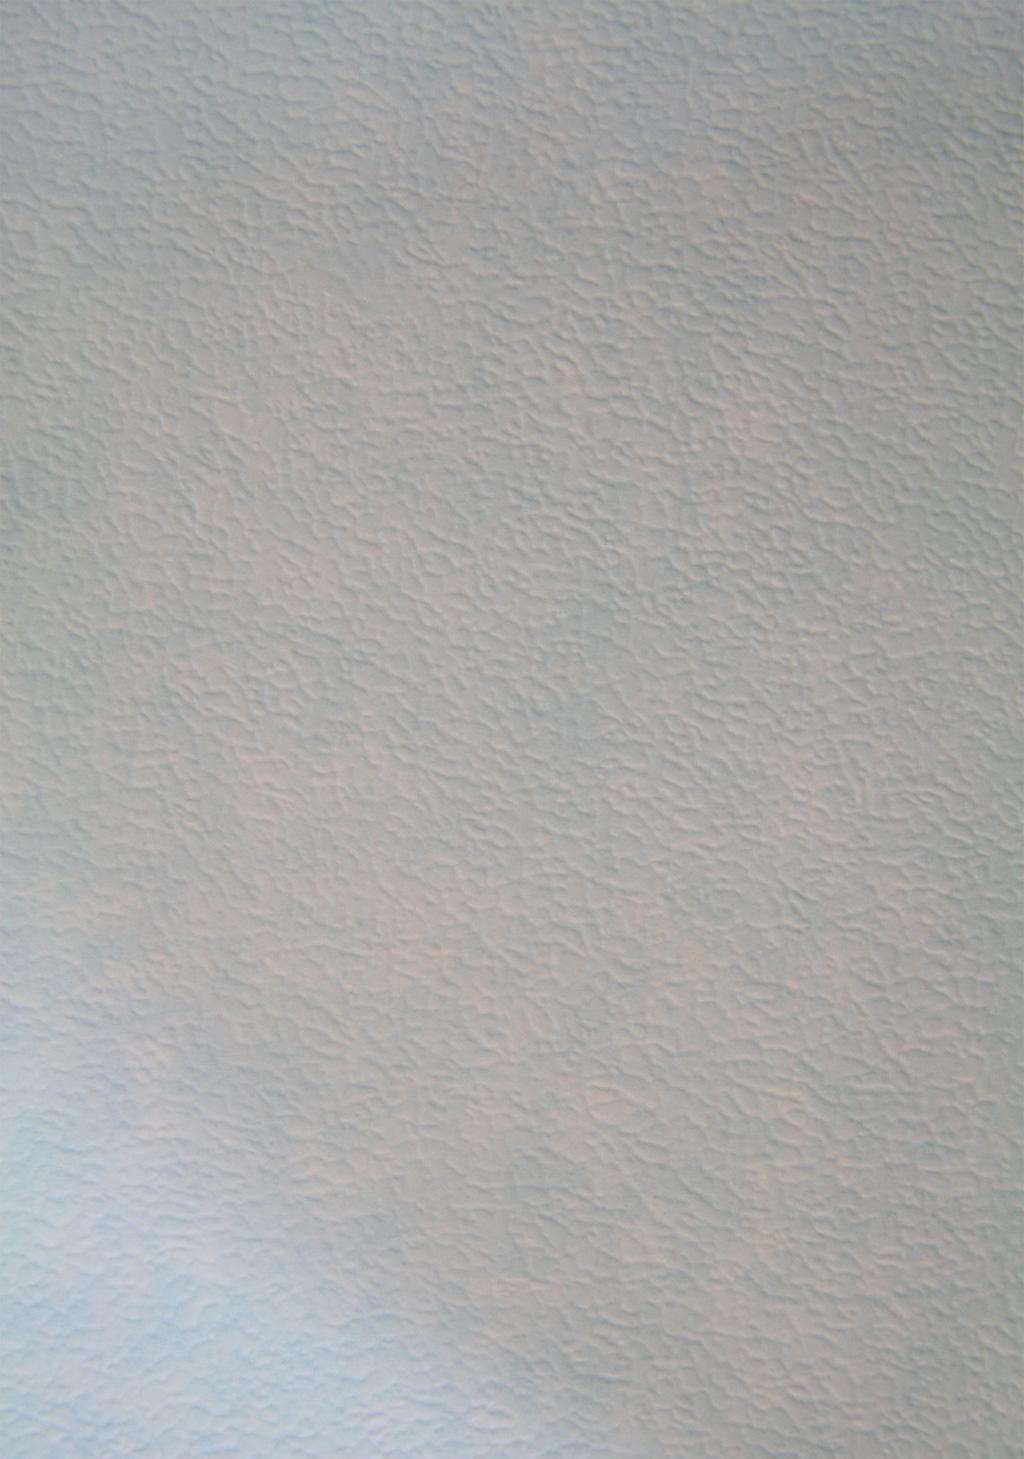 豪美迪壁纸儿童系列-144727144727